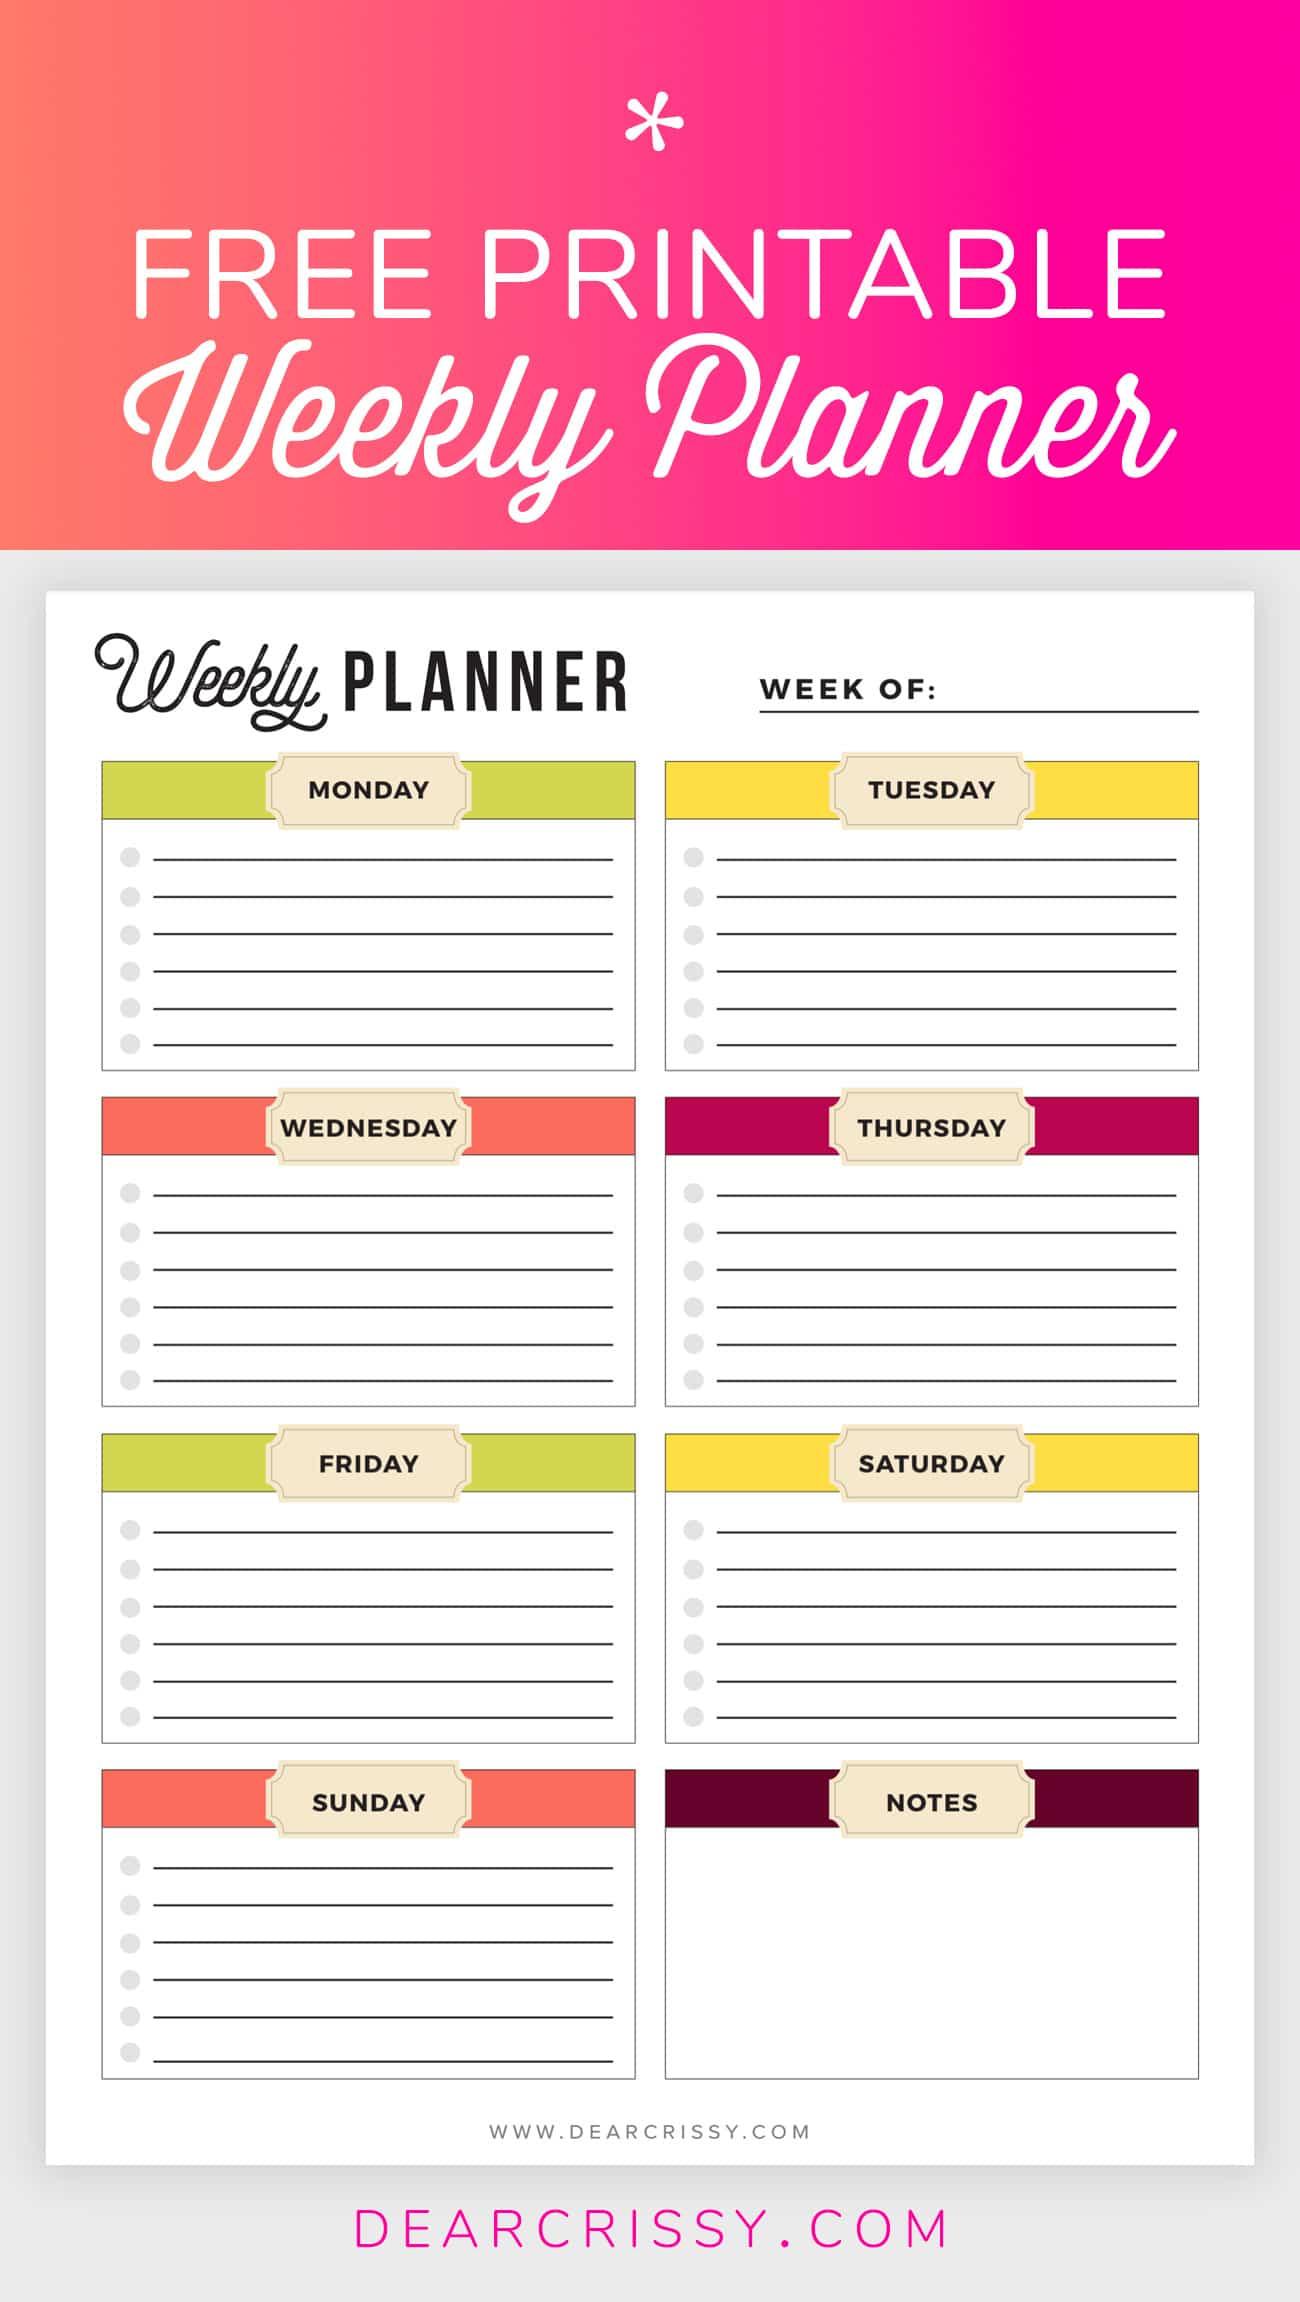 Free Printable Weekly Planner - Weekly Planner Printable! - Free Printable Weekly Planner